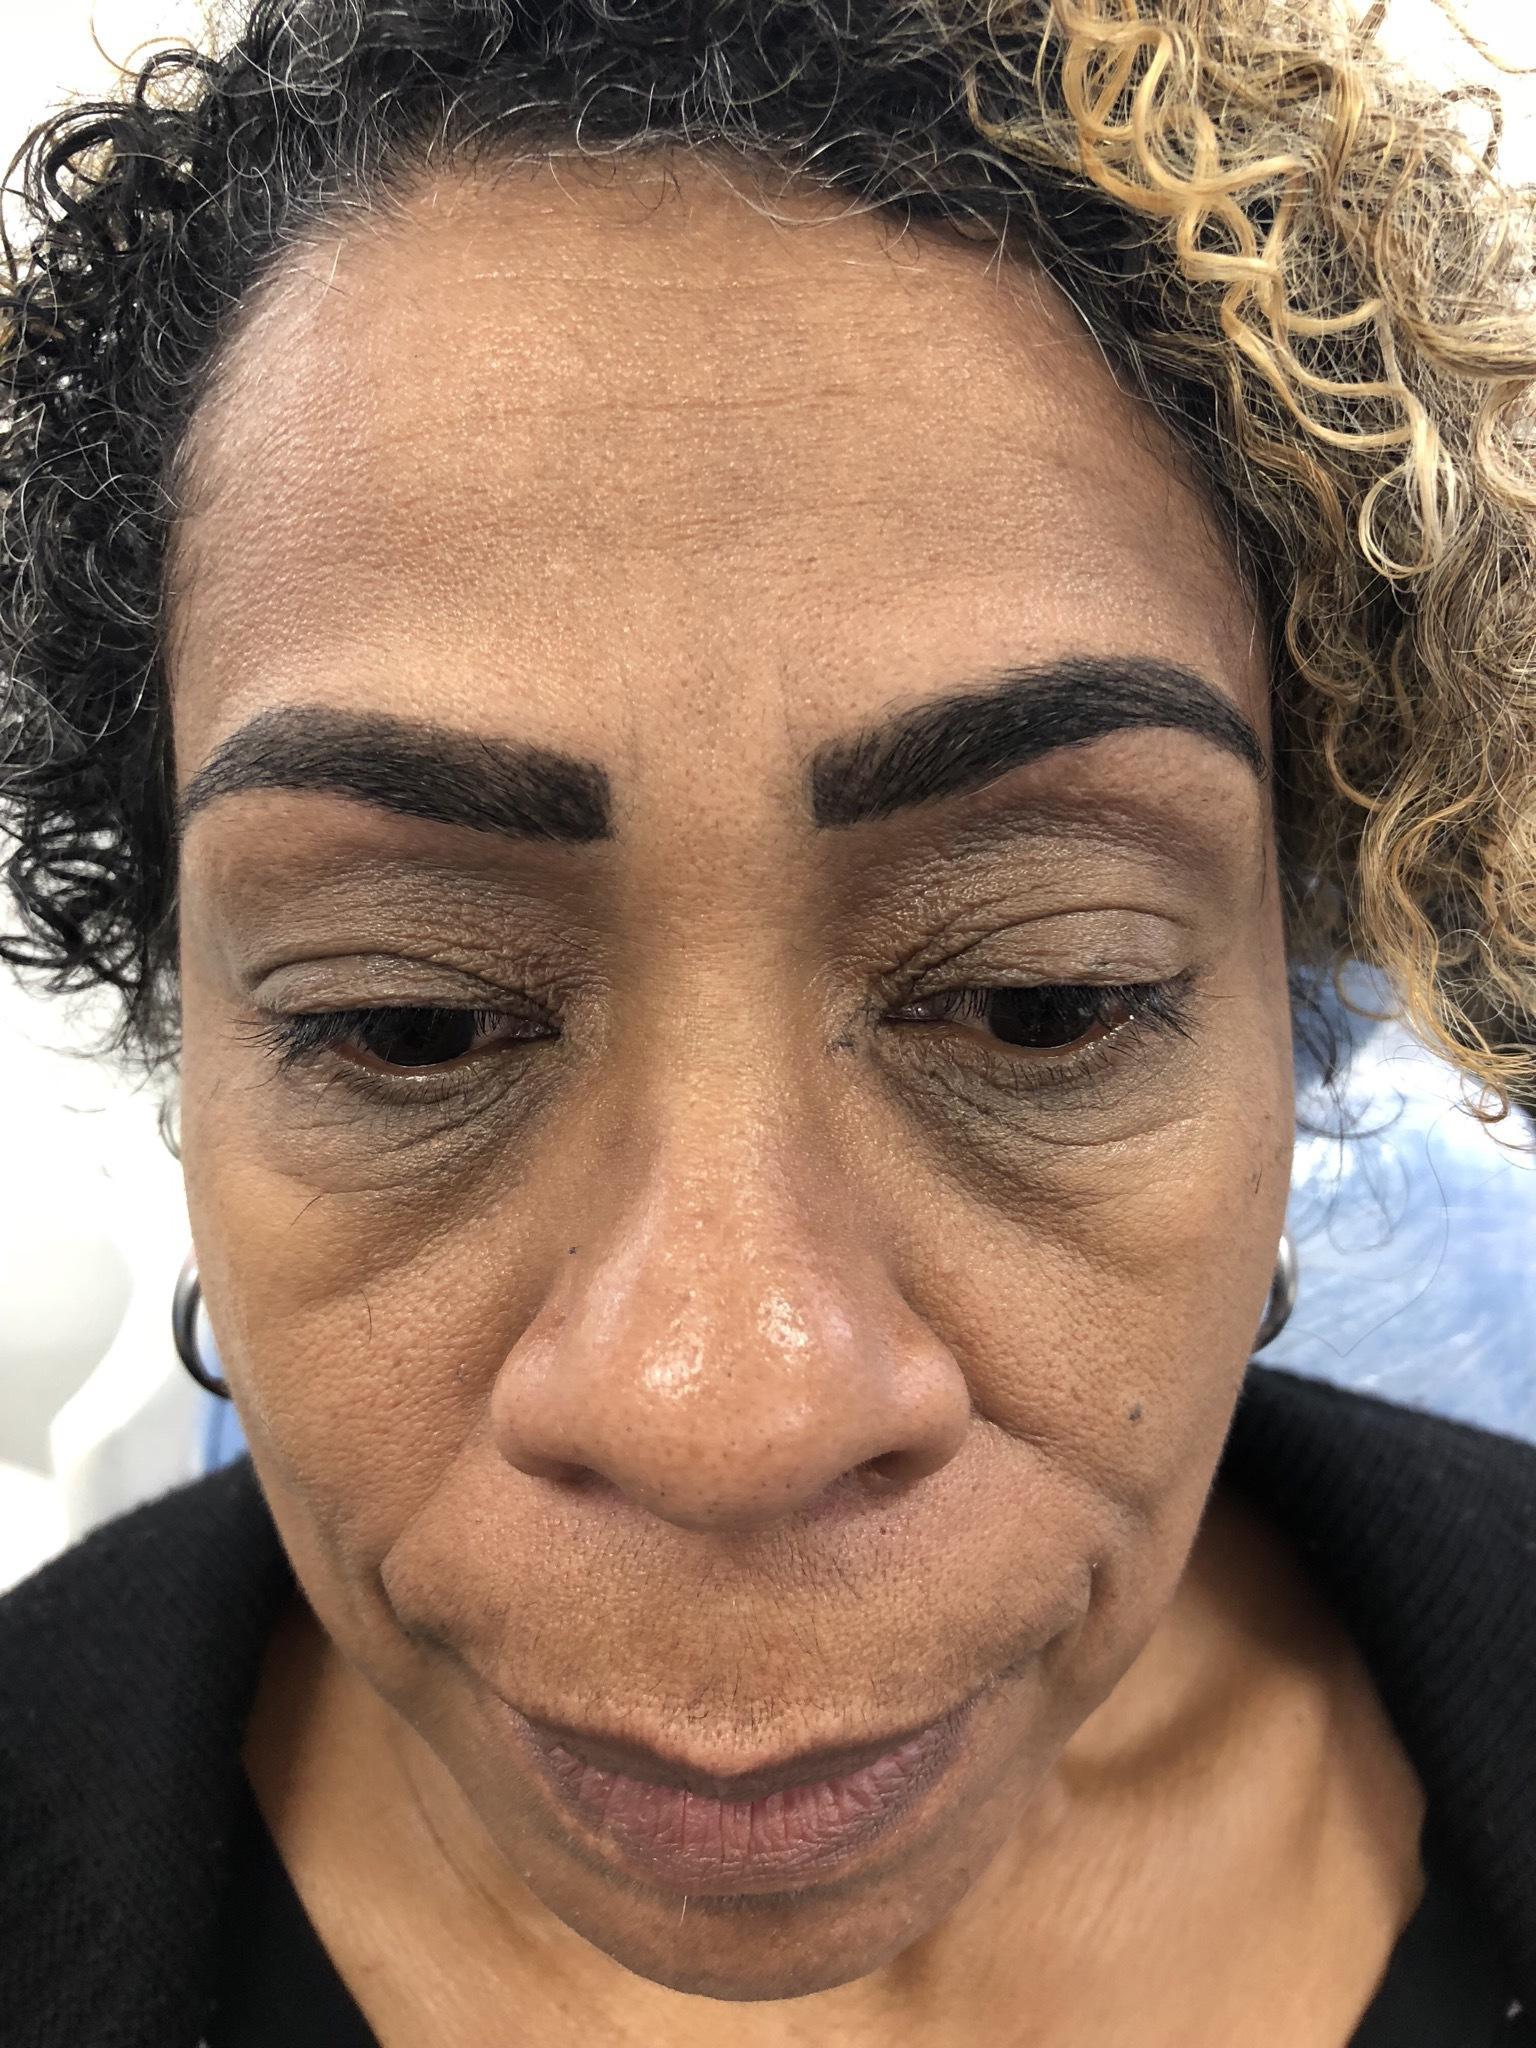 Procedimento:  Design de sobrancelha  Tintura dos fios.  estética maquiador(a) designer de sobrancelhas outros micropigmentador(a)